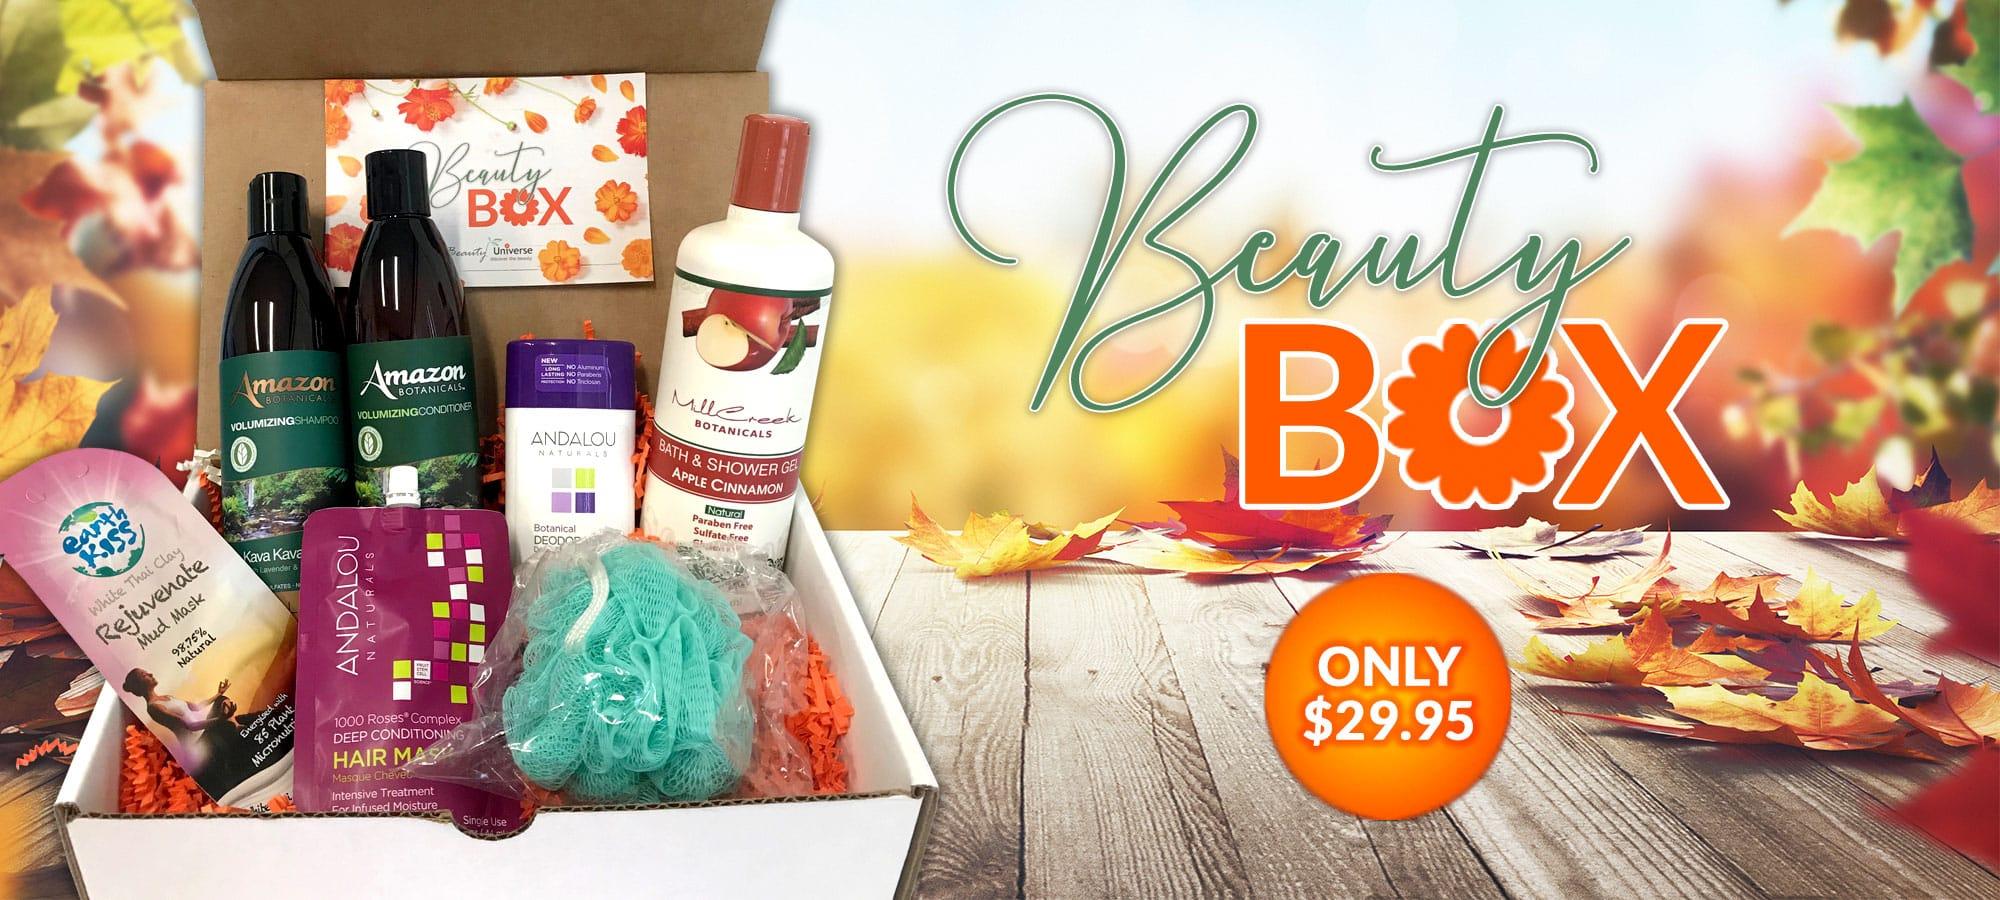 September Beauty Box Banner